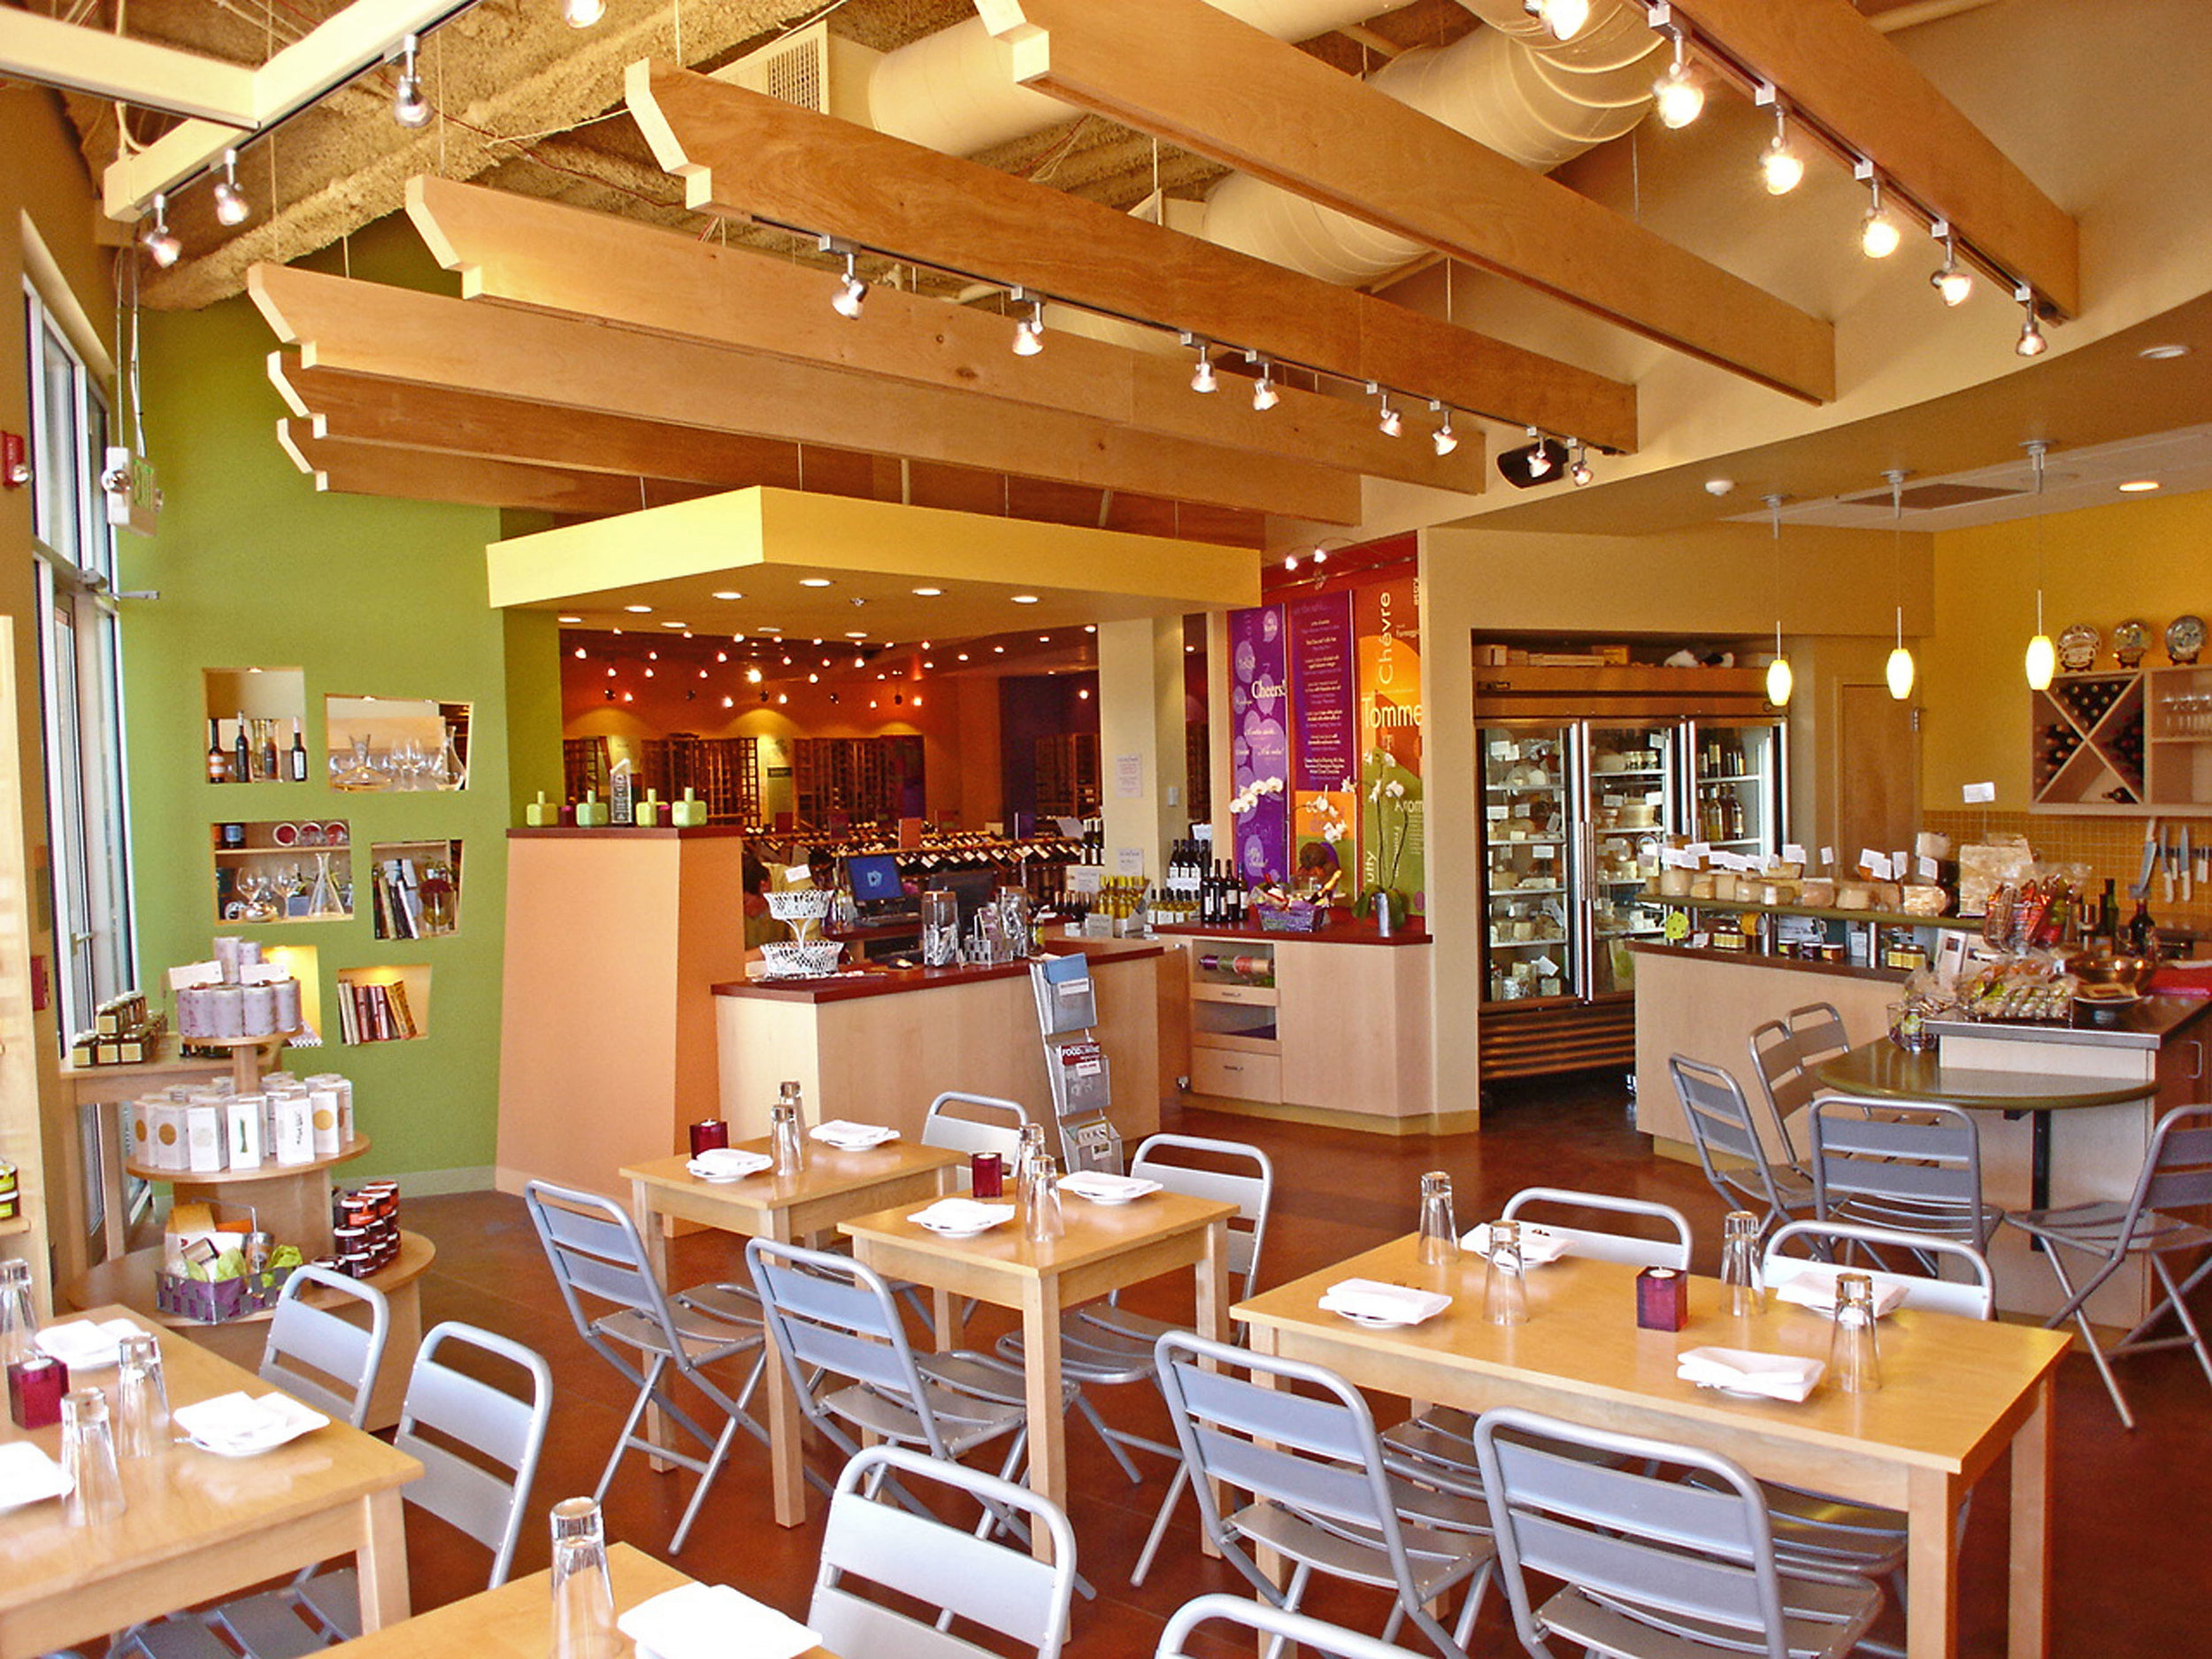 Interior restaurant space